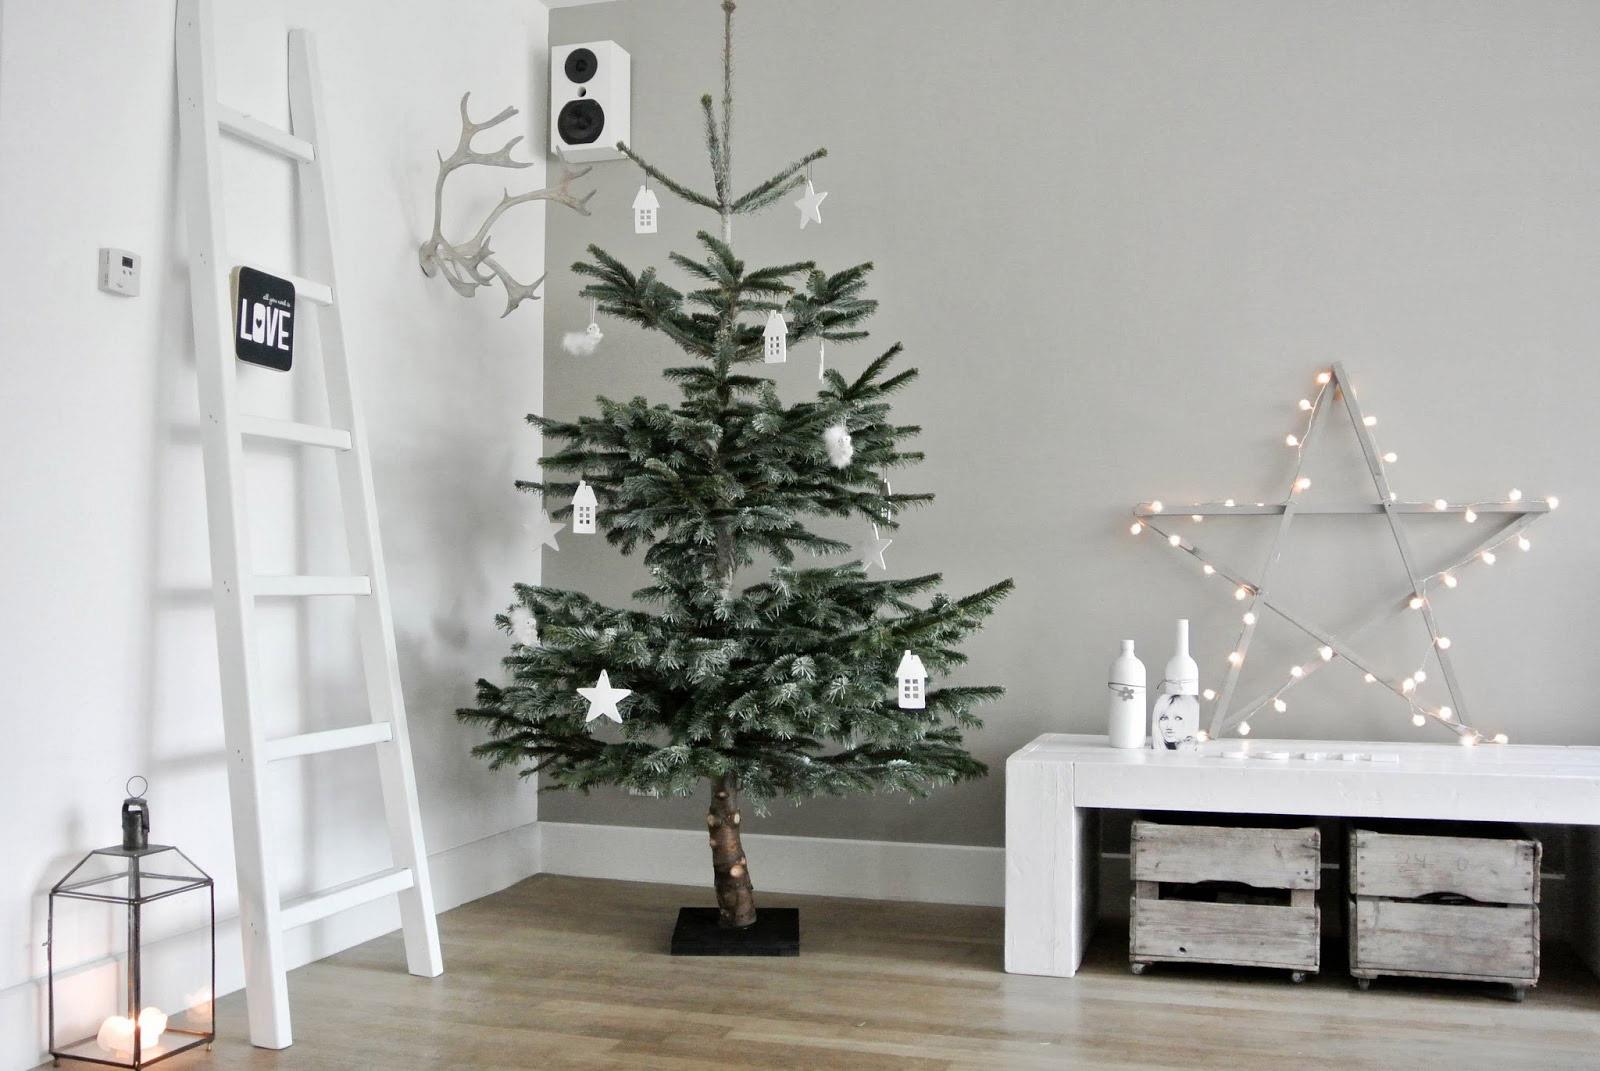 Full Size of Wohnzimmer Weihnachtlich Dekorieren Wohnkonfetti Led Deckenleuchte Lampe Kommode Vorhänge Fototapete Kamin Vorhang Hängeschrank Schrankwand Deckenlampe Wohnzimmer Wohnzimmer Dekorieren